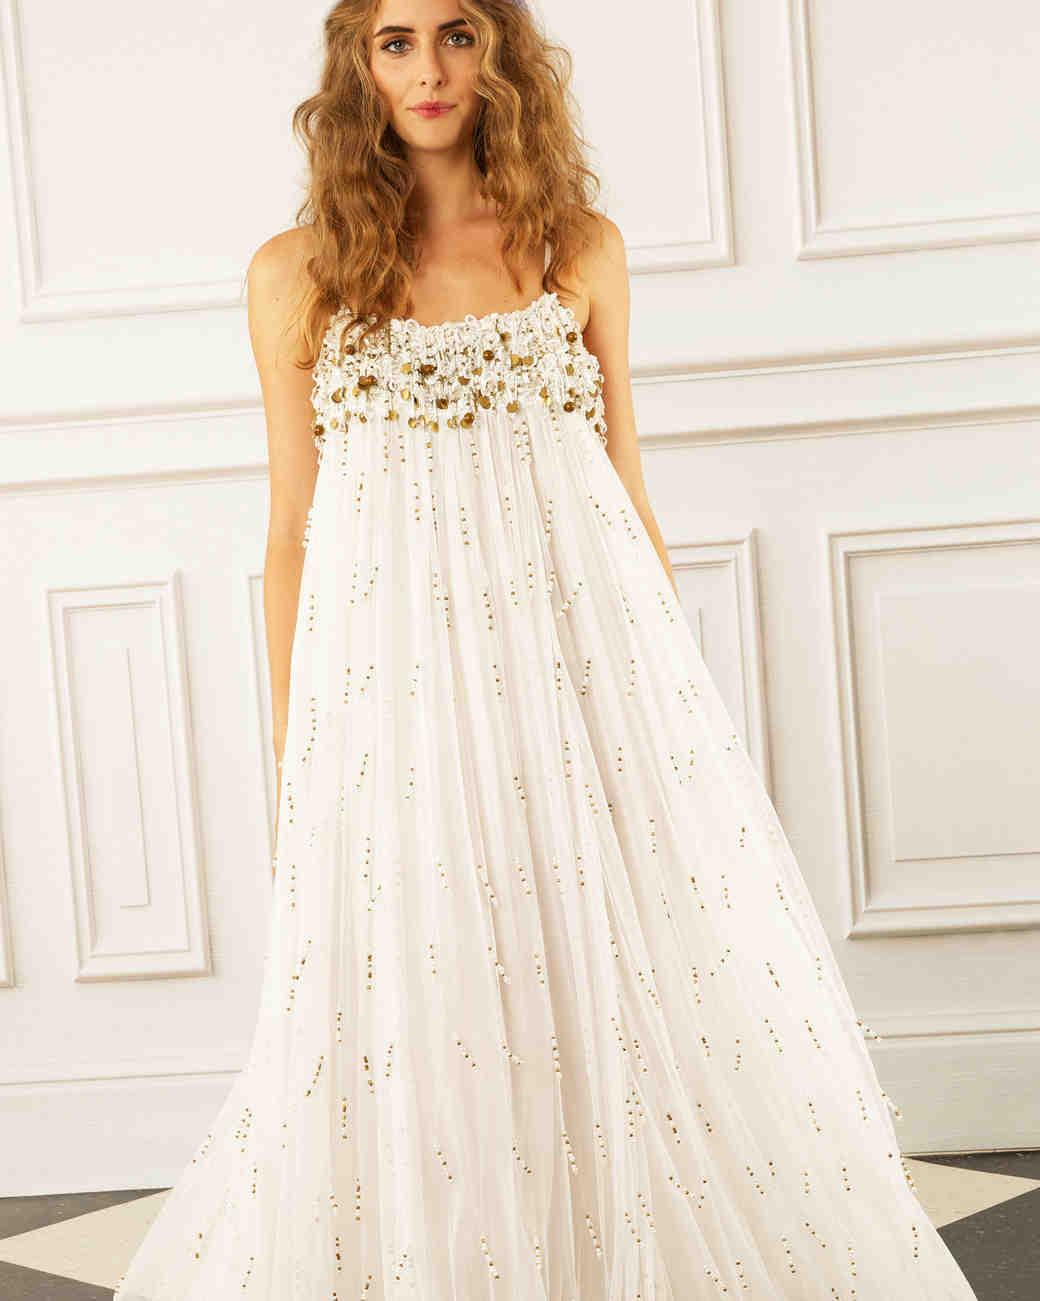 maria korovilas wedding dress spring 2017 loose metallic gold long